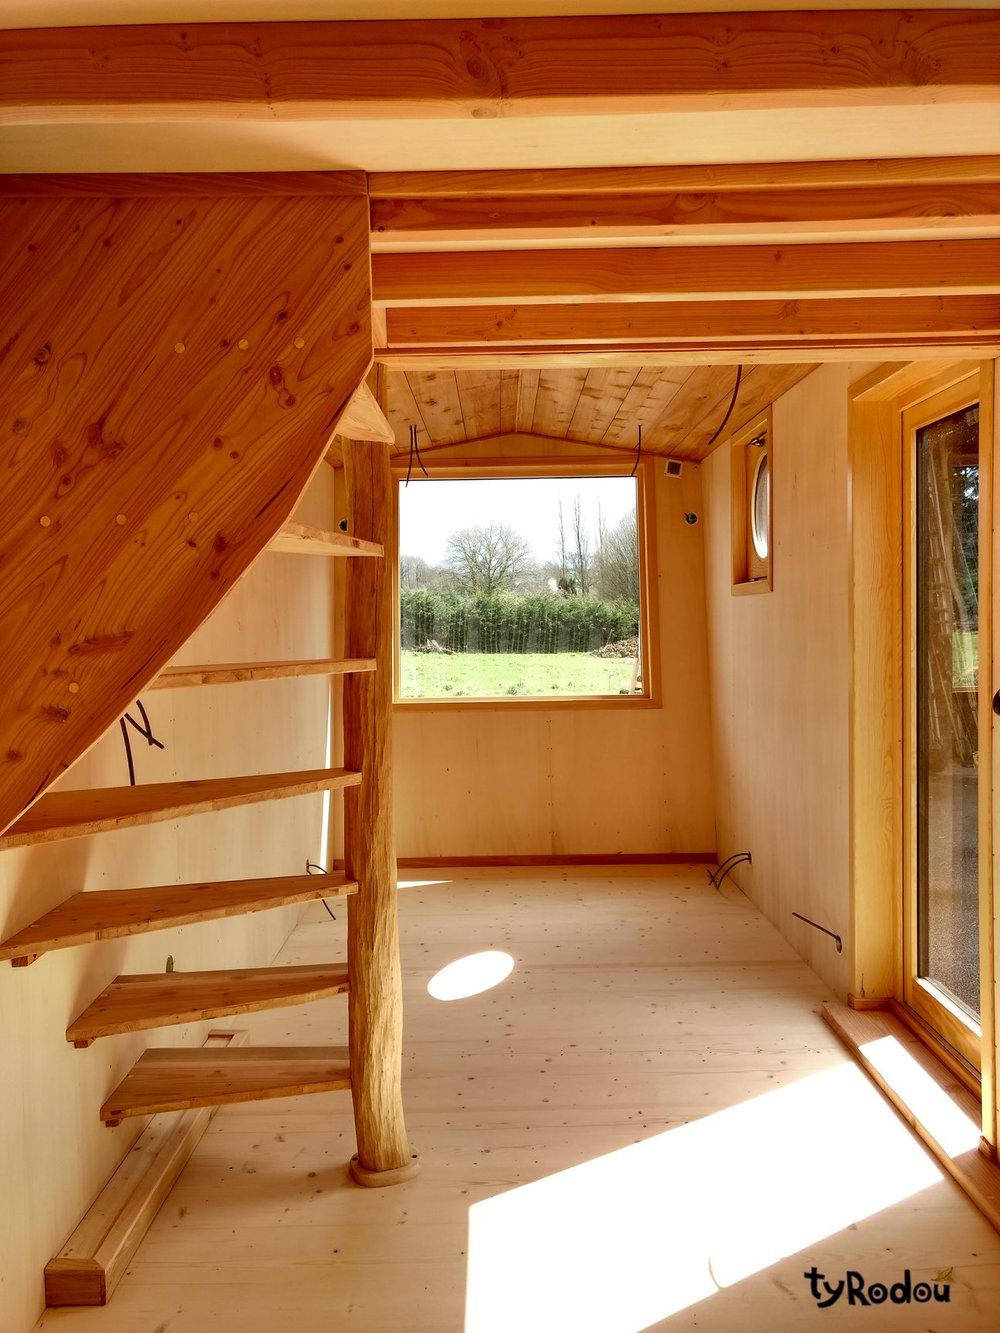 Ty Rodou Tiny Home 4.jpg